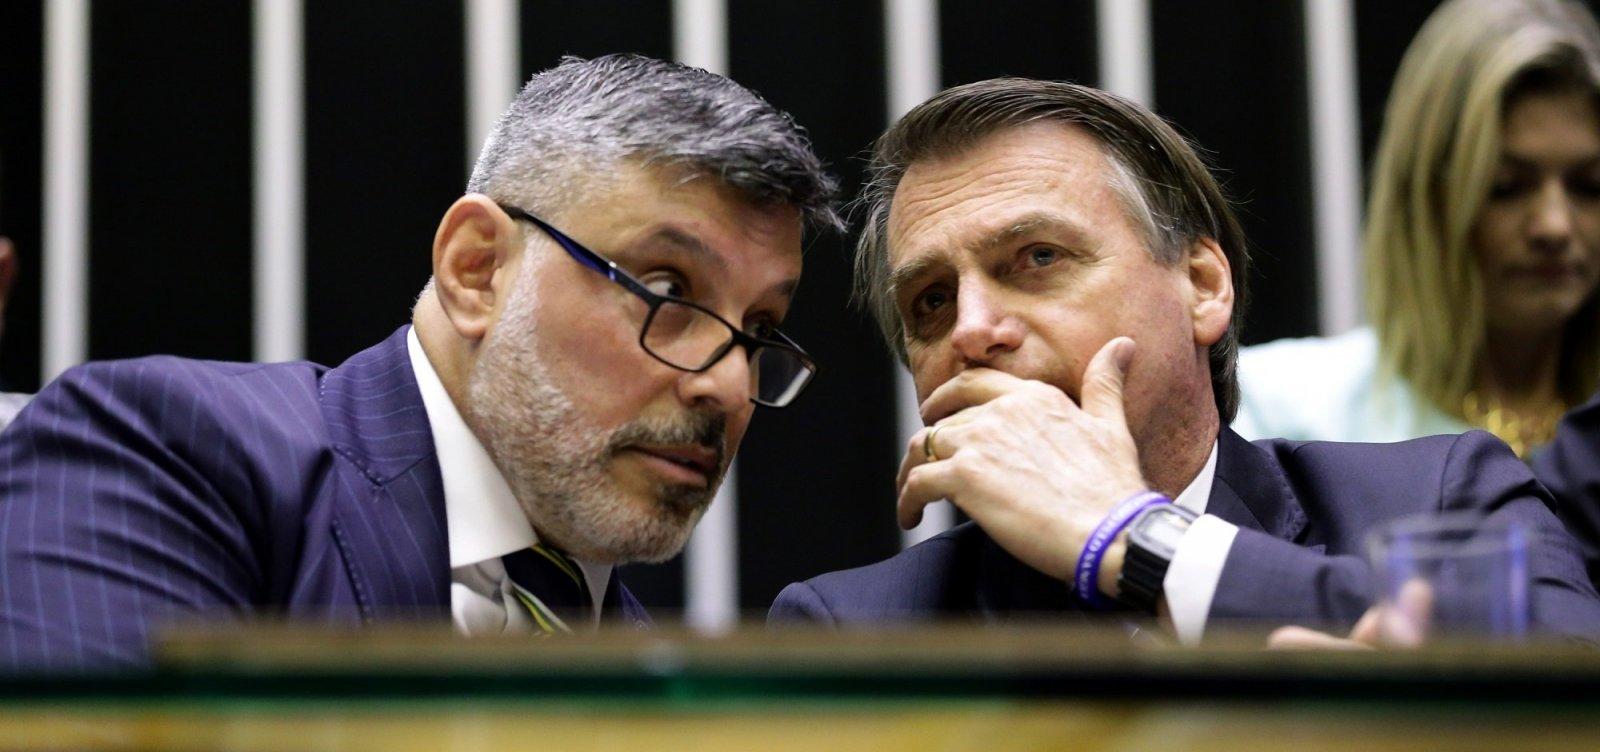 [Bolsonaro diz que não conhece Alexandre Frota: 'Sei nem quem é esse']